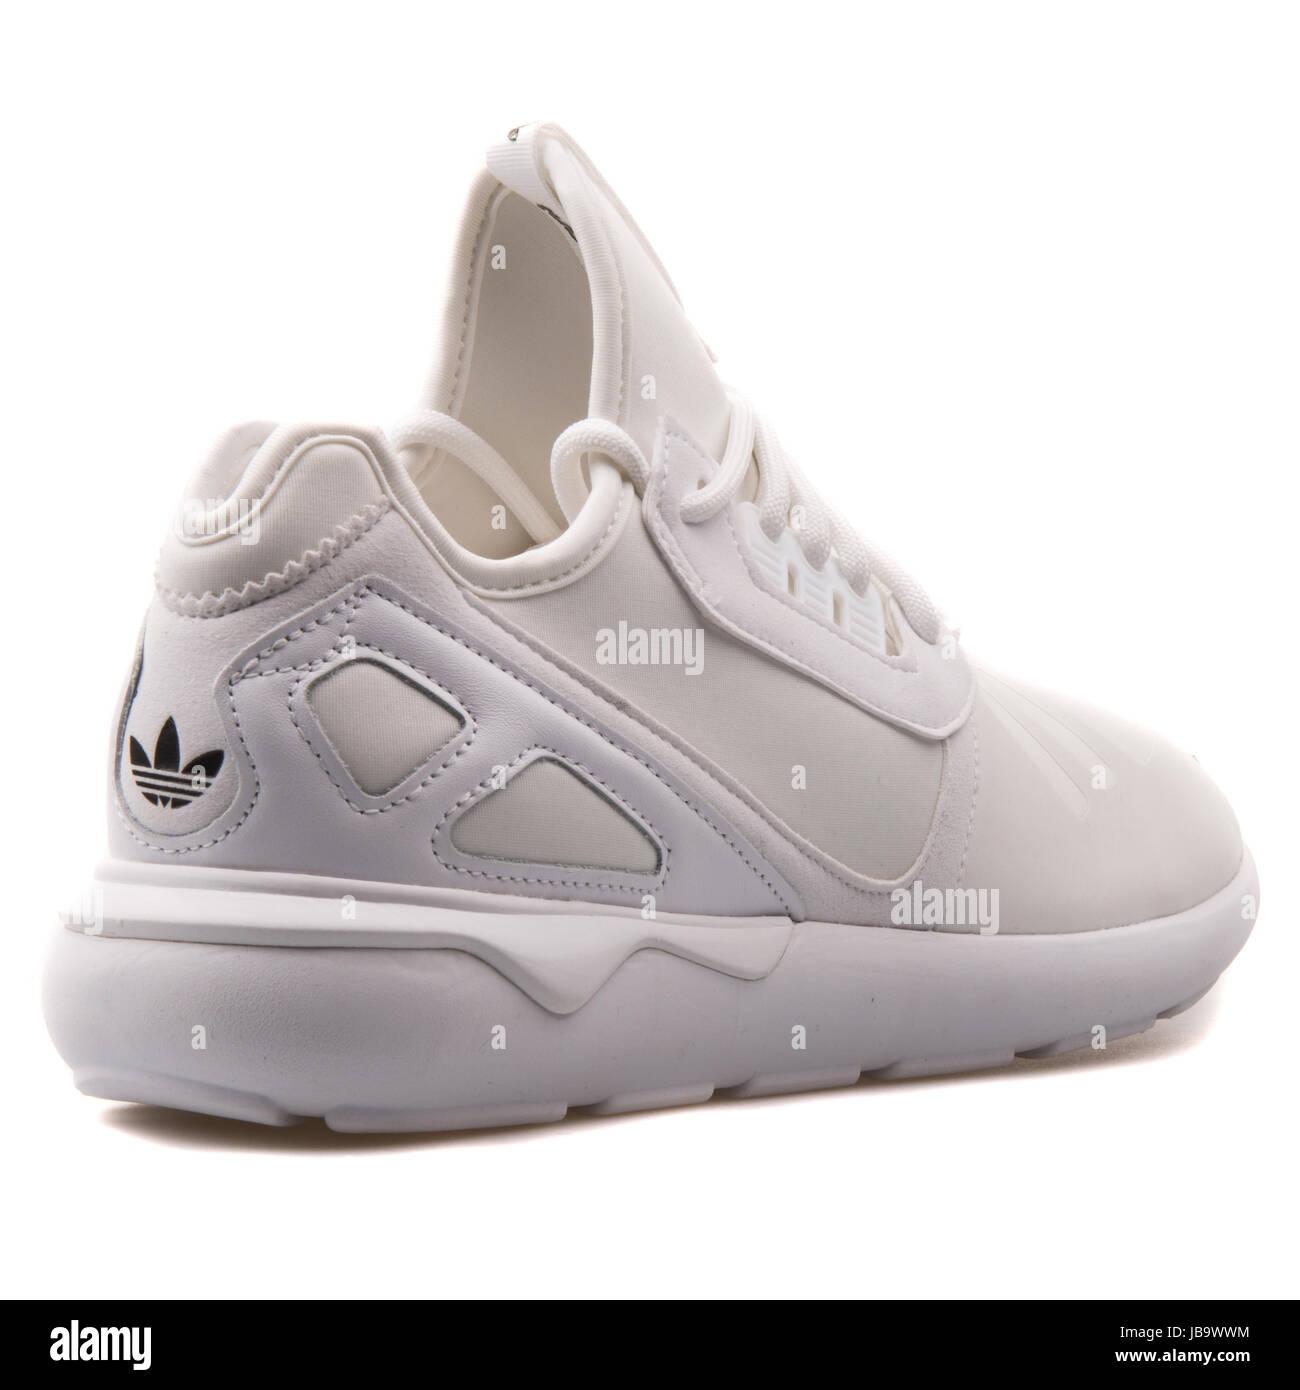 Adidas Tubular Runner White Men's Running Shoes S83141